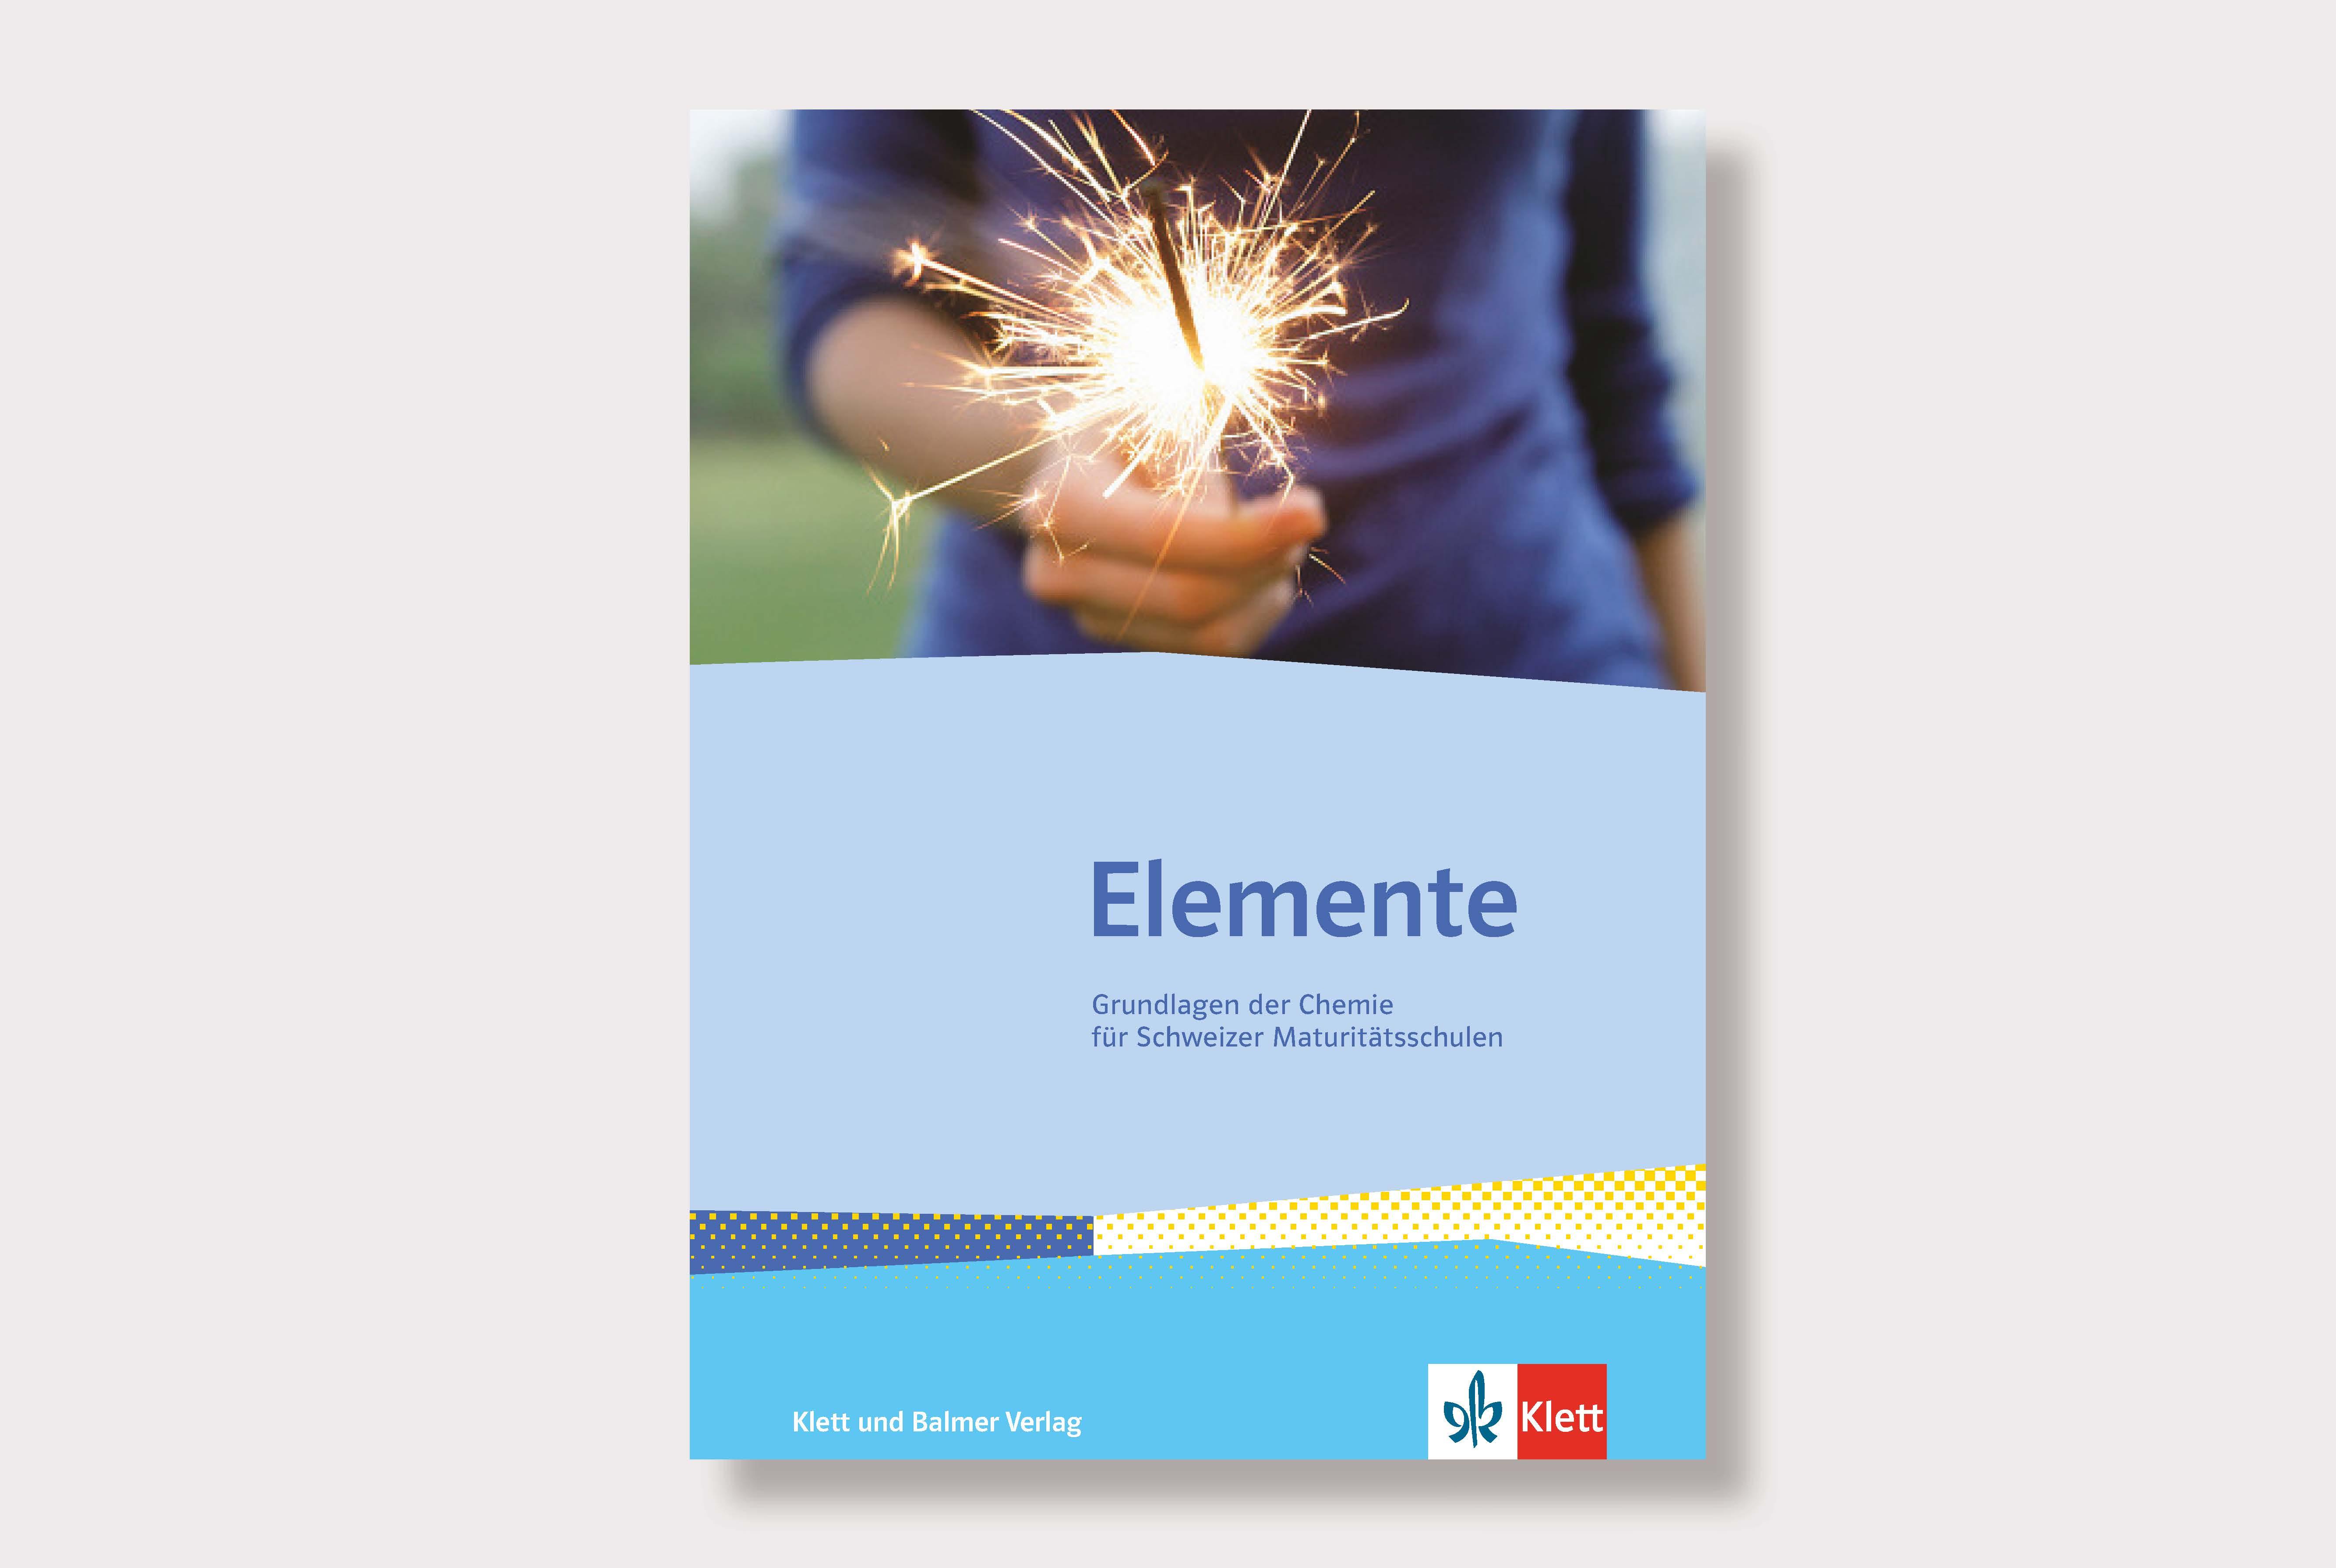 Elemente Schulbuch Klett & Balmer